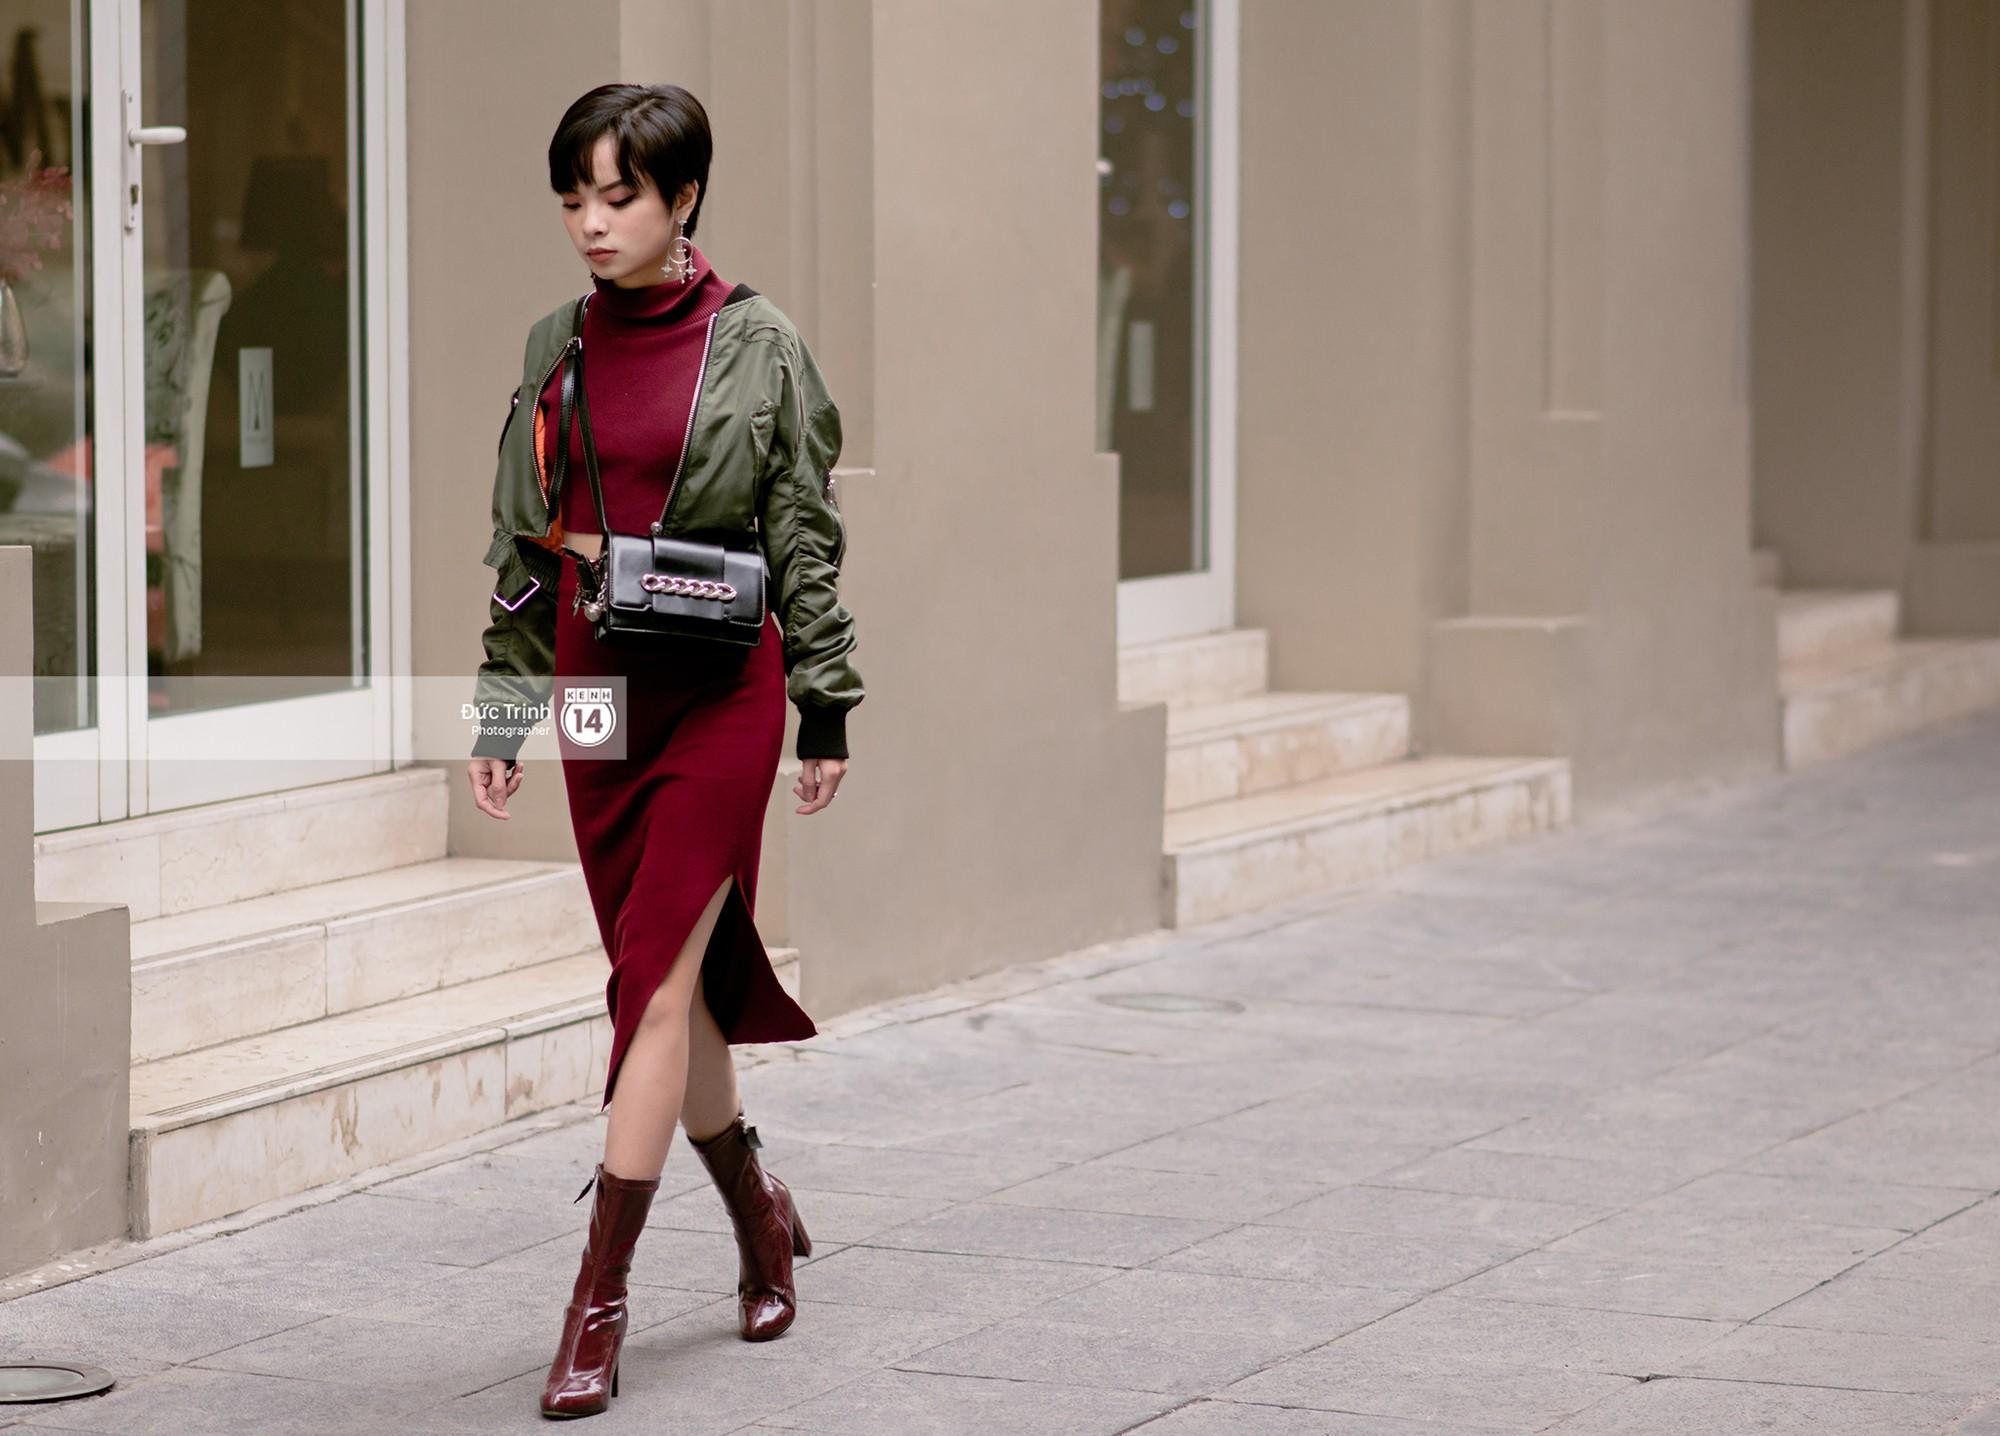 Street style 2 miền: biker jacket, màu đỏ và chân váy mini là 3 thần chú trong từ điển mix đồ của giới trẻ - Ảnh 4.